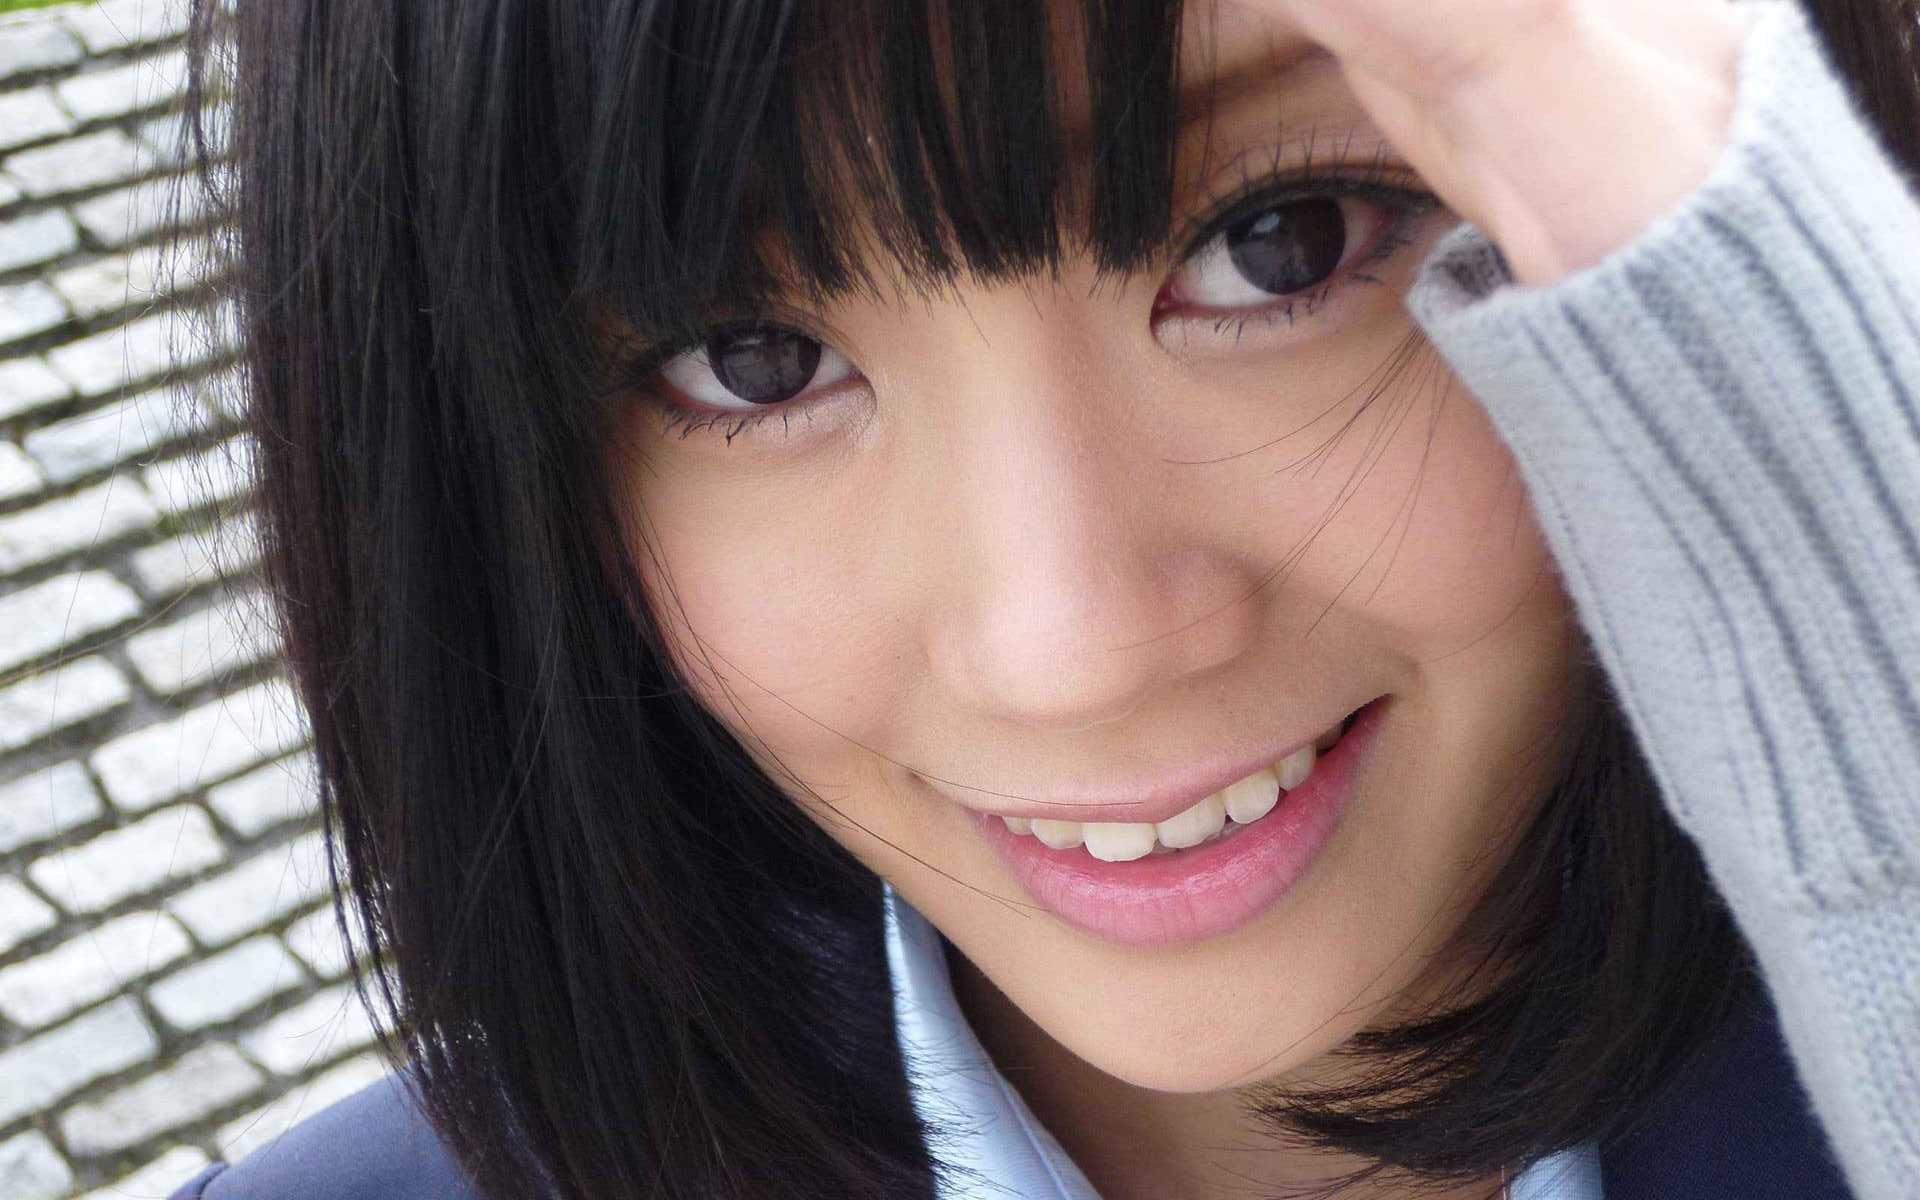 琥珀うた 20歳 344 TOKYO247 Best Choice 211photos